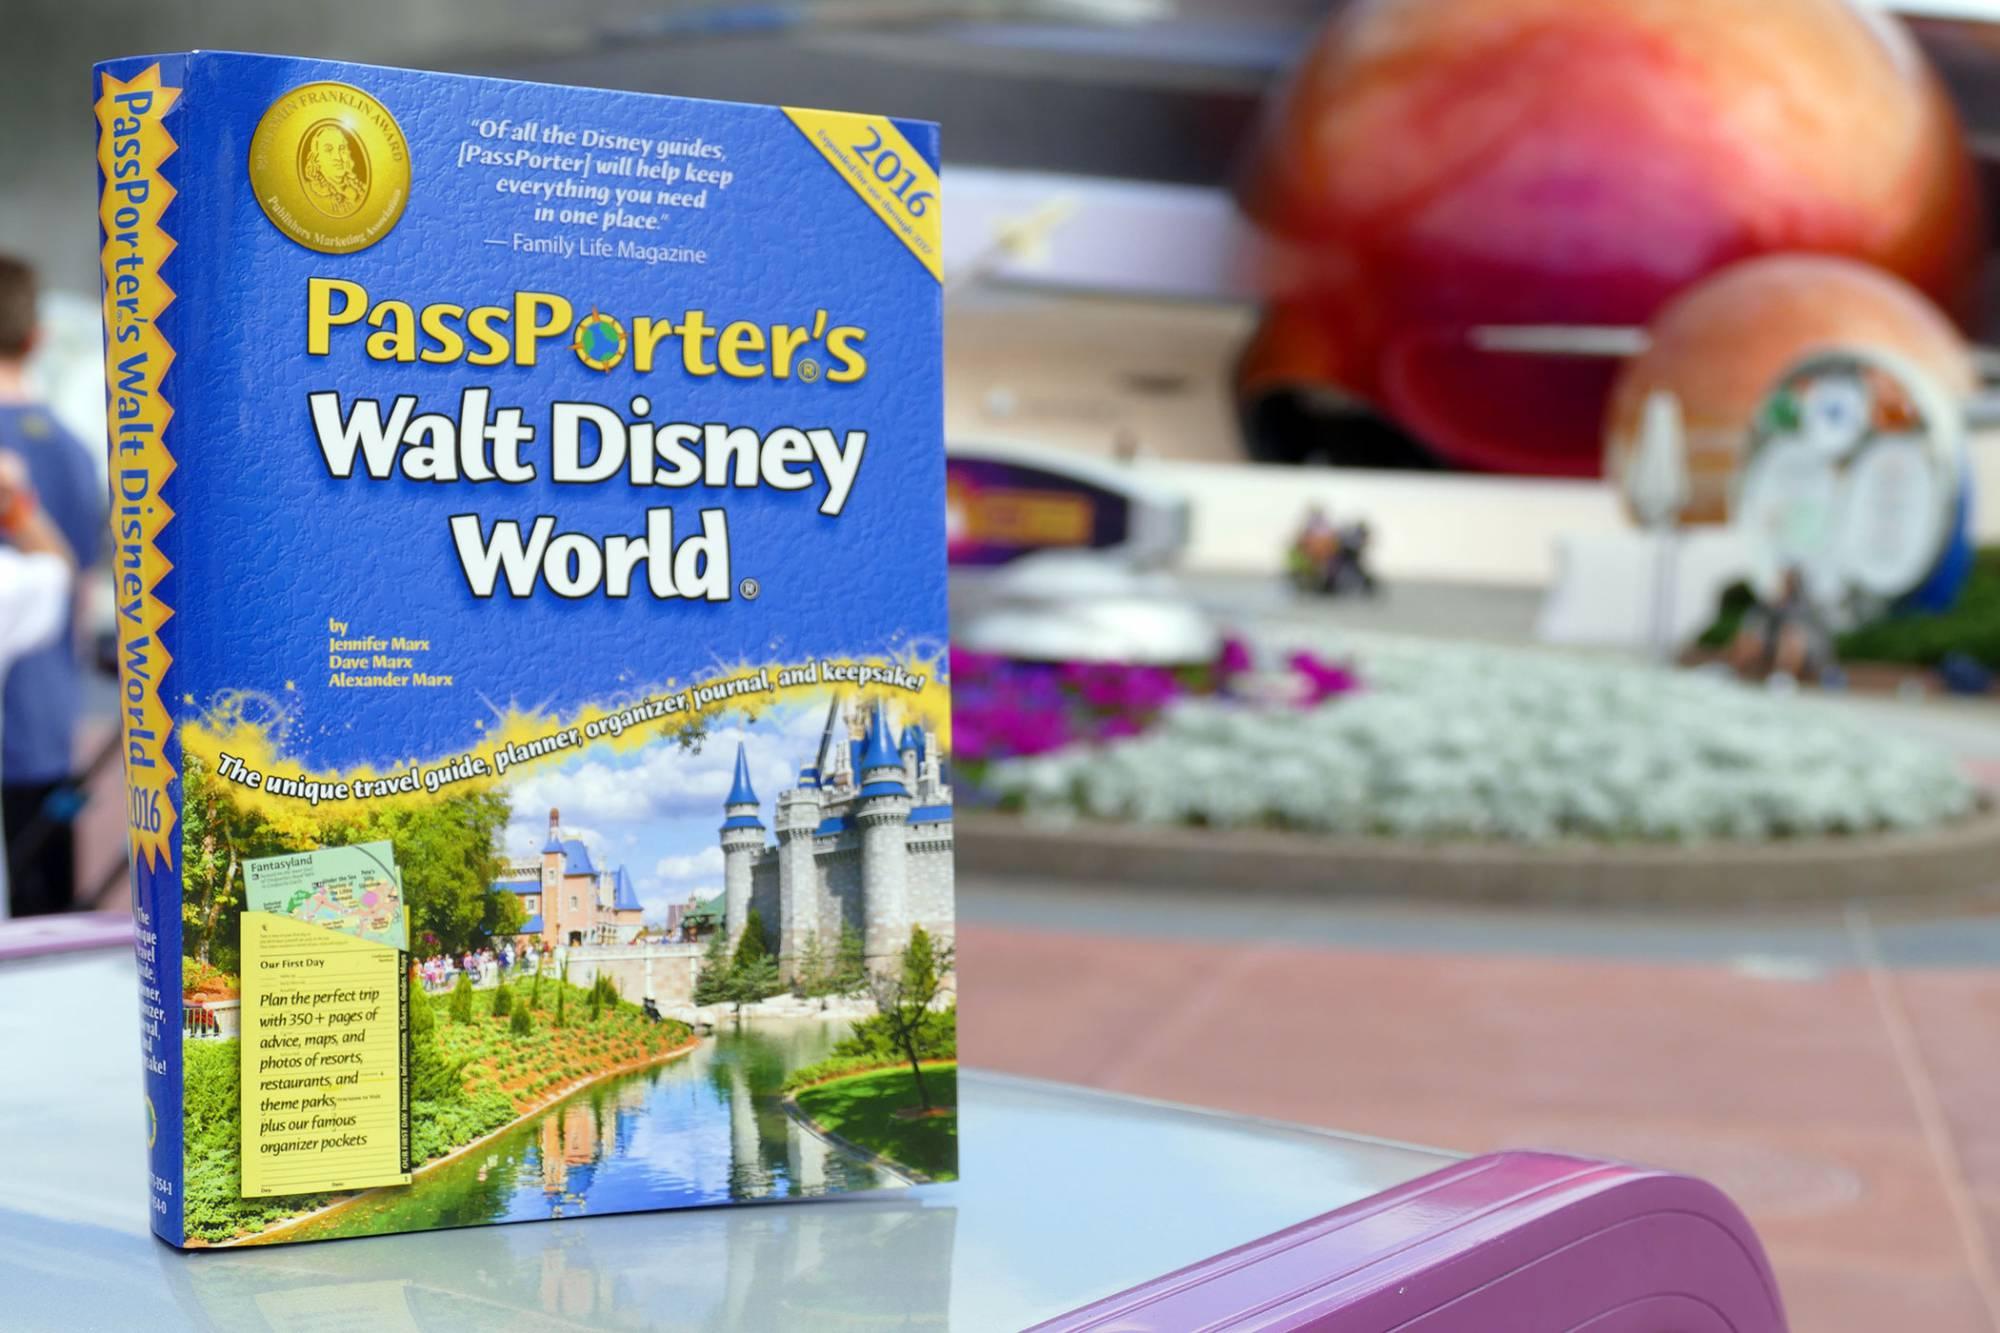 Passporter Books Print E Books And Live Guides